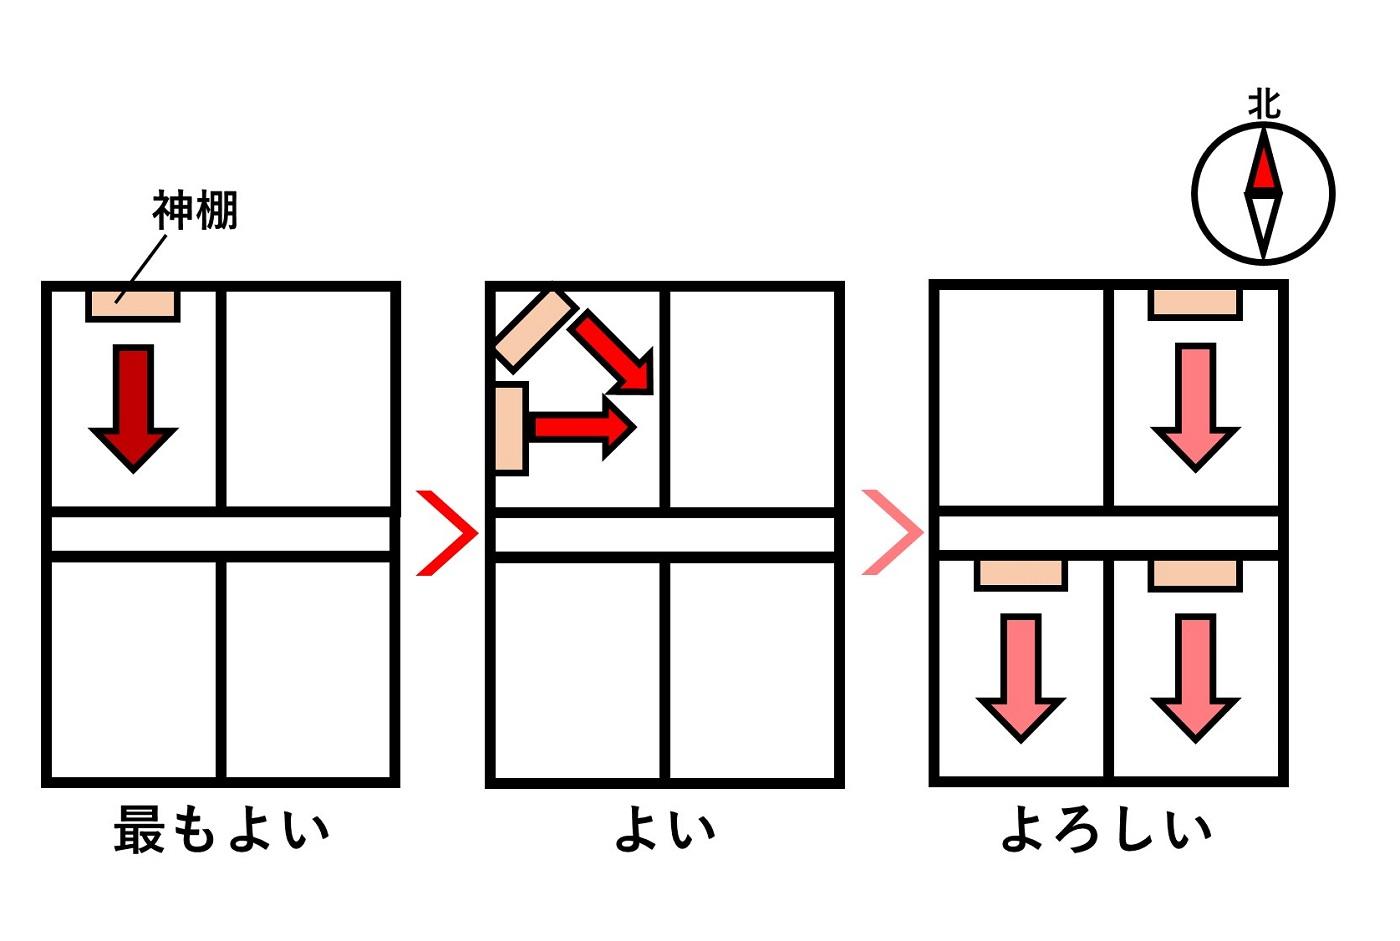 神棚を設置する方角の図